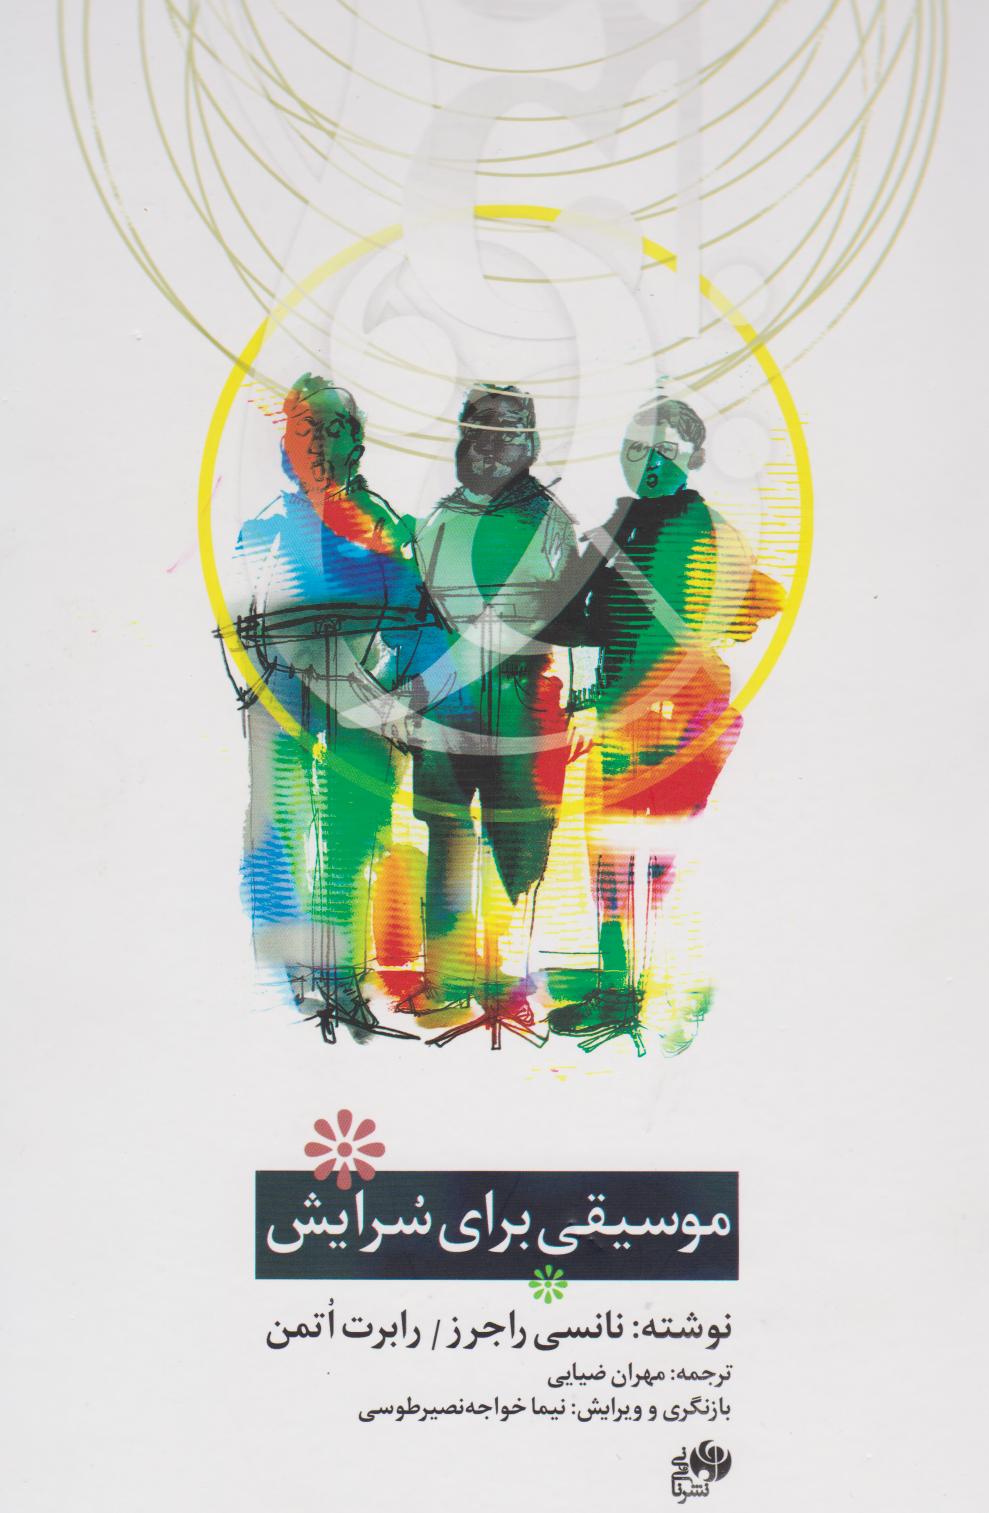 کتاب موسیقی برای سرایش مهران ضیایی انتشارات نایونی